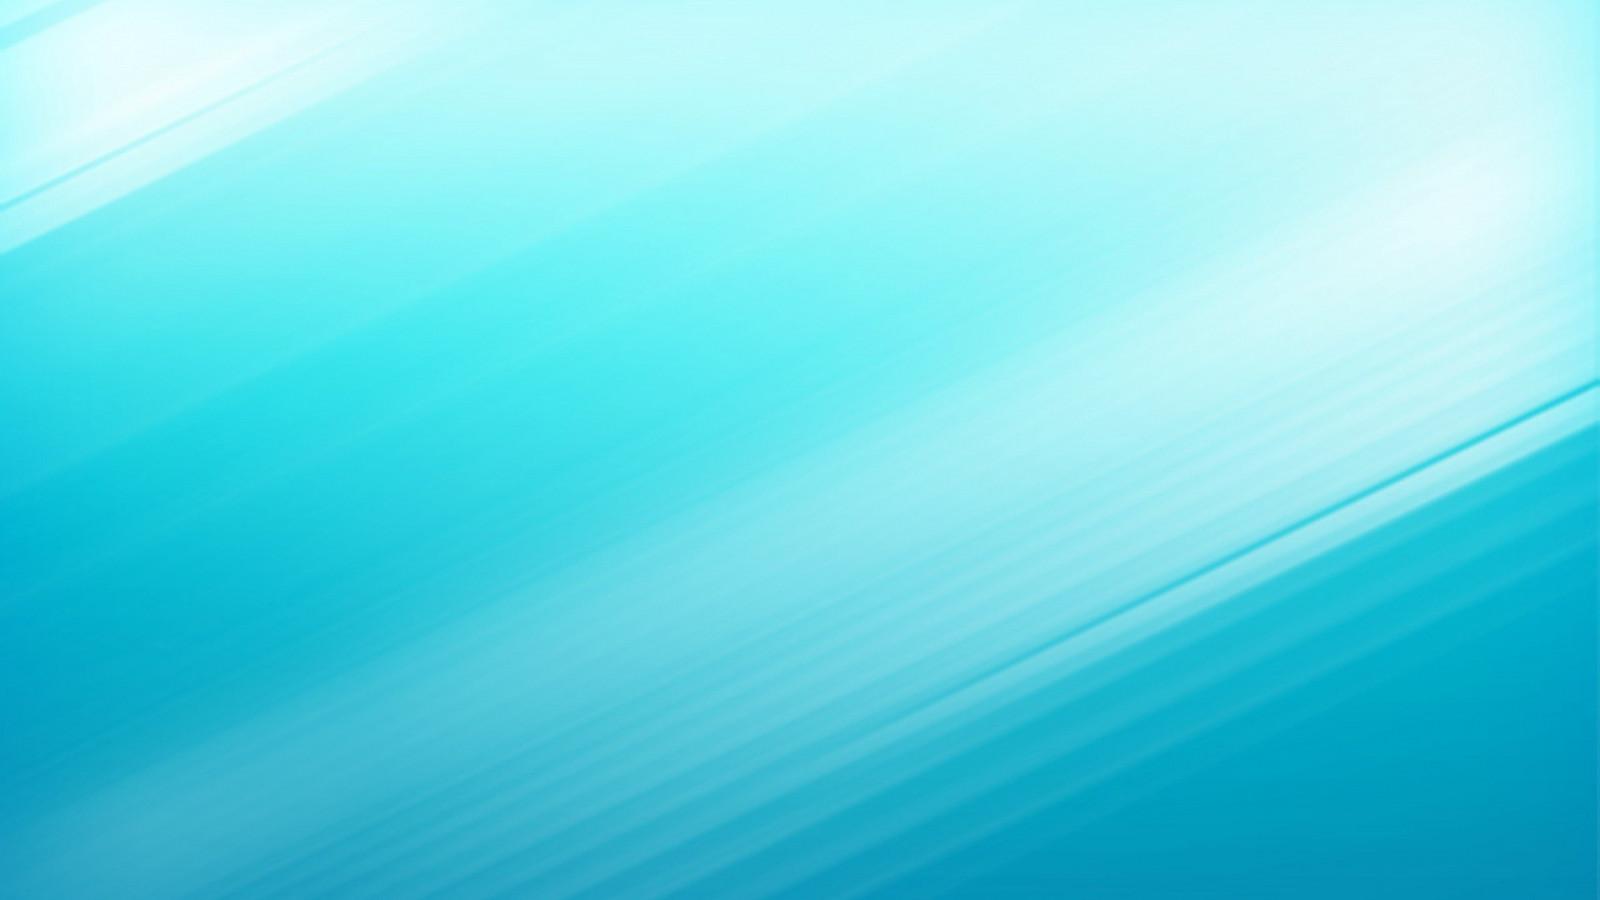 Download 200 Wallpaper Biru Hijau Hd  Terbaru